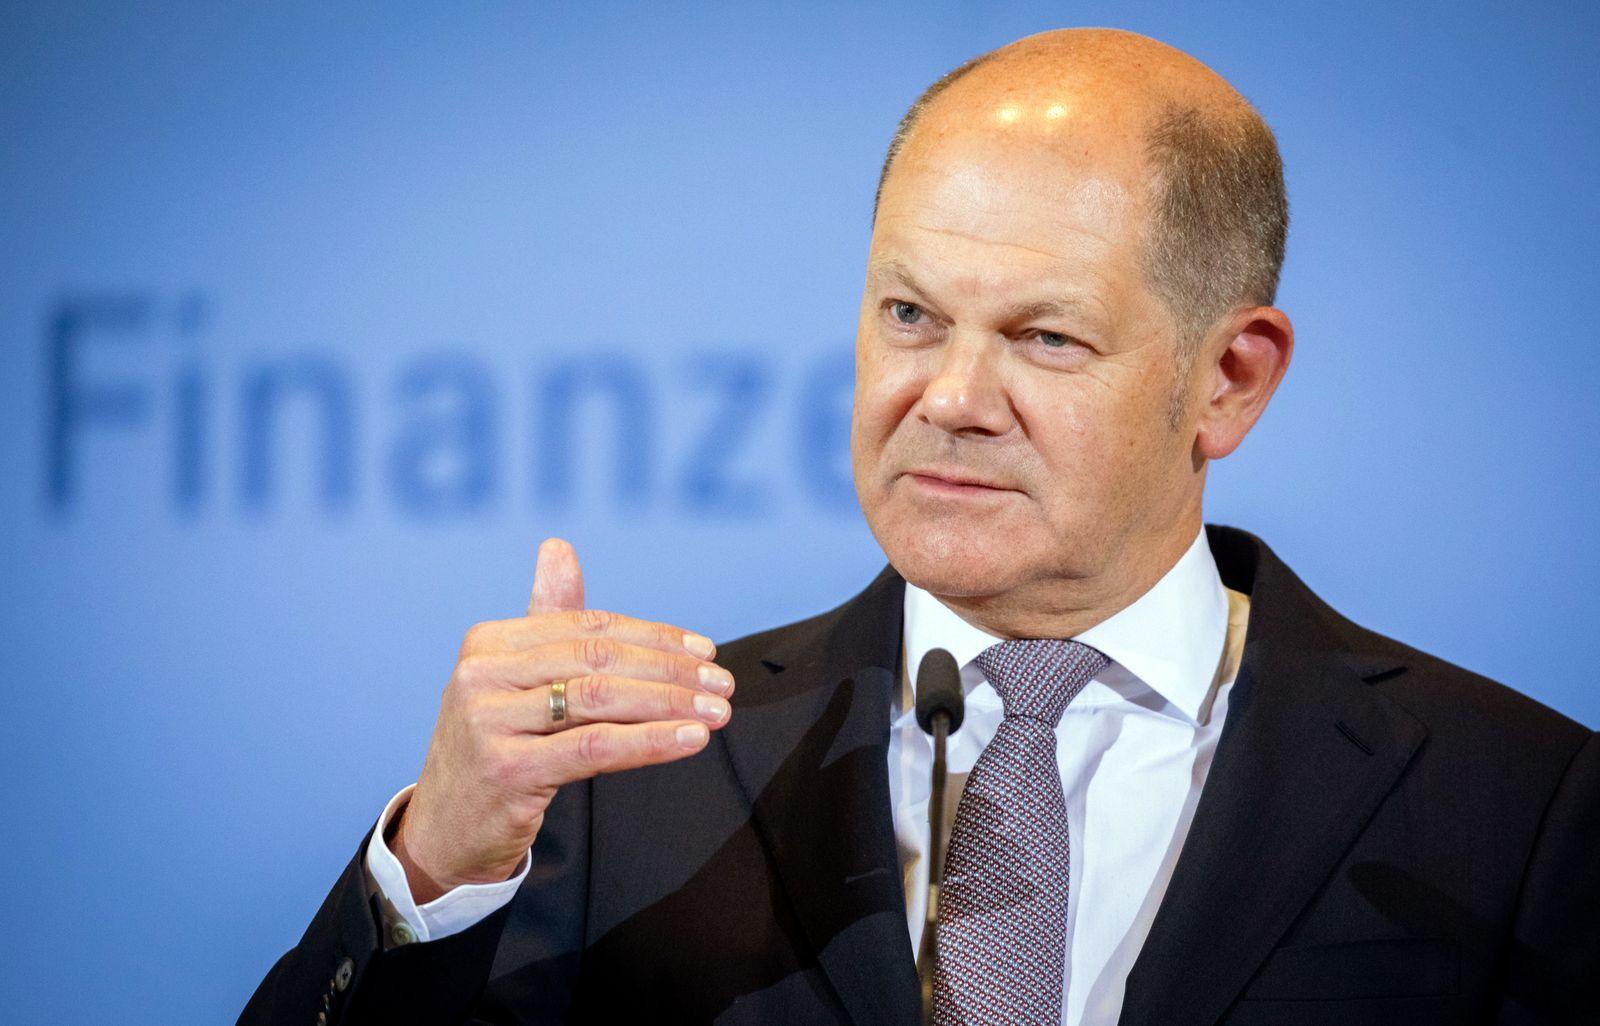 Finanzminister Scholz legt Ergebnisse der Steuerschätzung vor